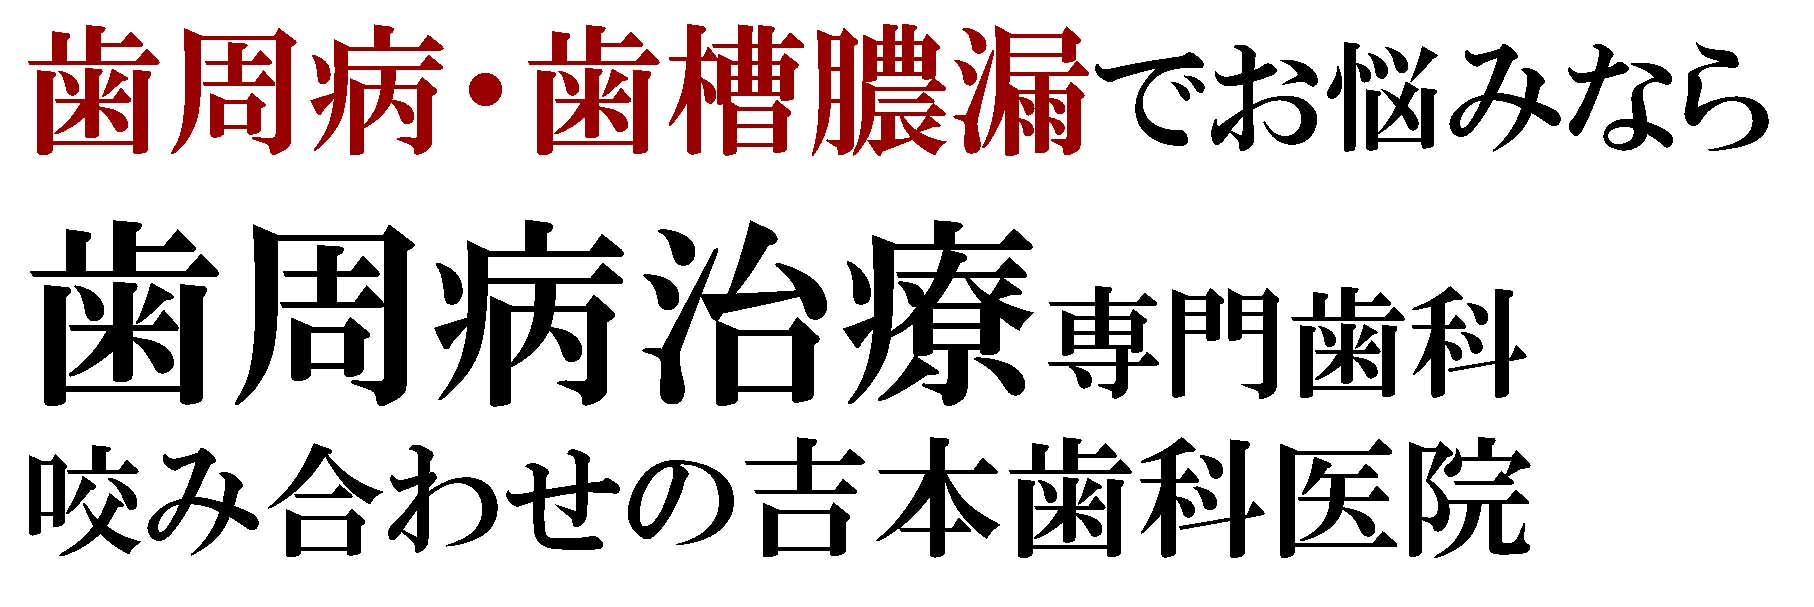 歯周病や歯槽膿漏・知覚過敏でお悩みなら|香川県高松市の吉本歯科医院|次亜塩素酸電解水パーフェクトペリオ殺菌水治療